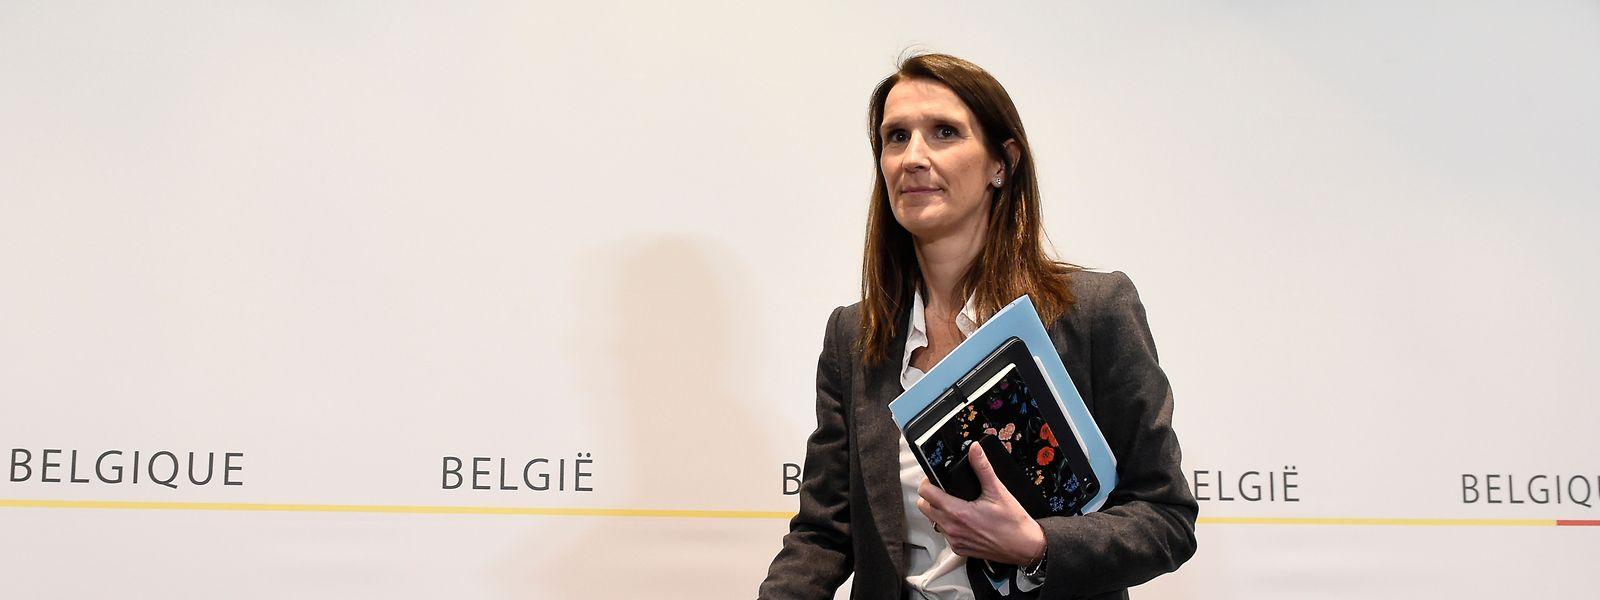 «La situation a évolué et nous a obligés à prendre des mesures sévères pour endiguer la propagation du virus», a indiqué la Première ministre Sophie Wilmes.